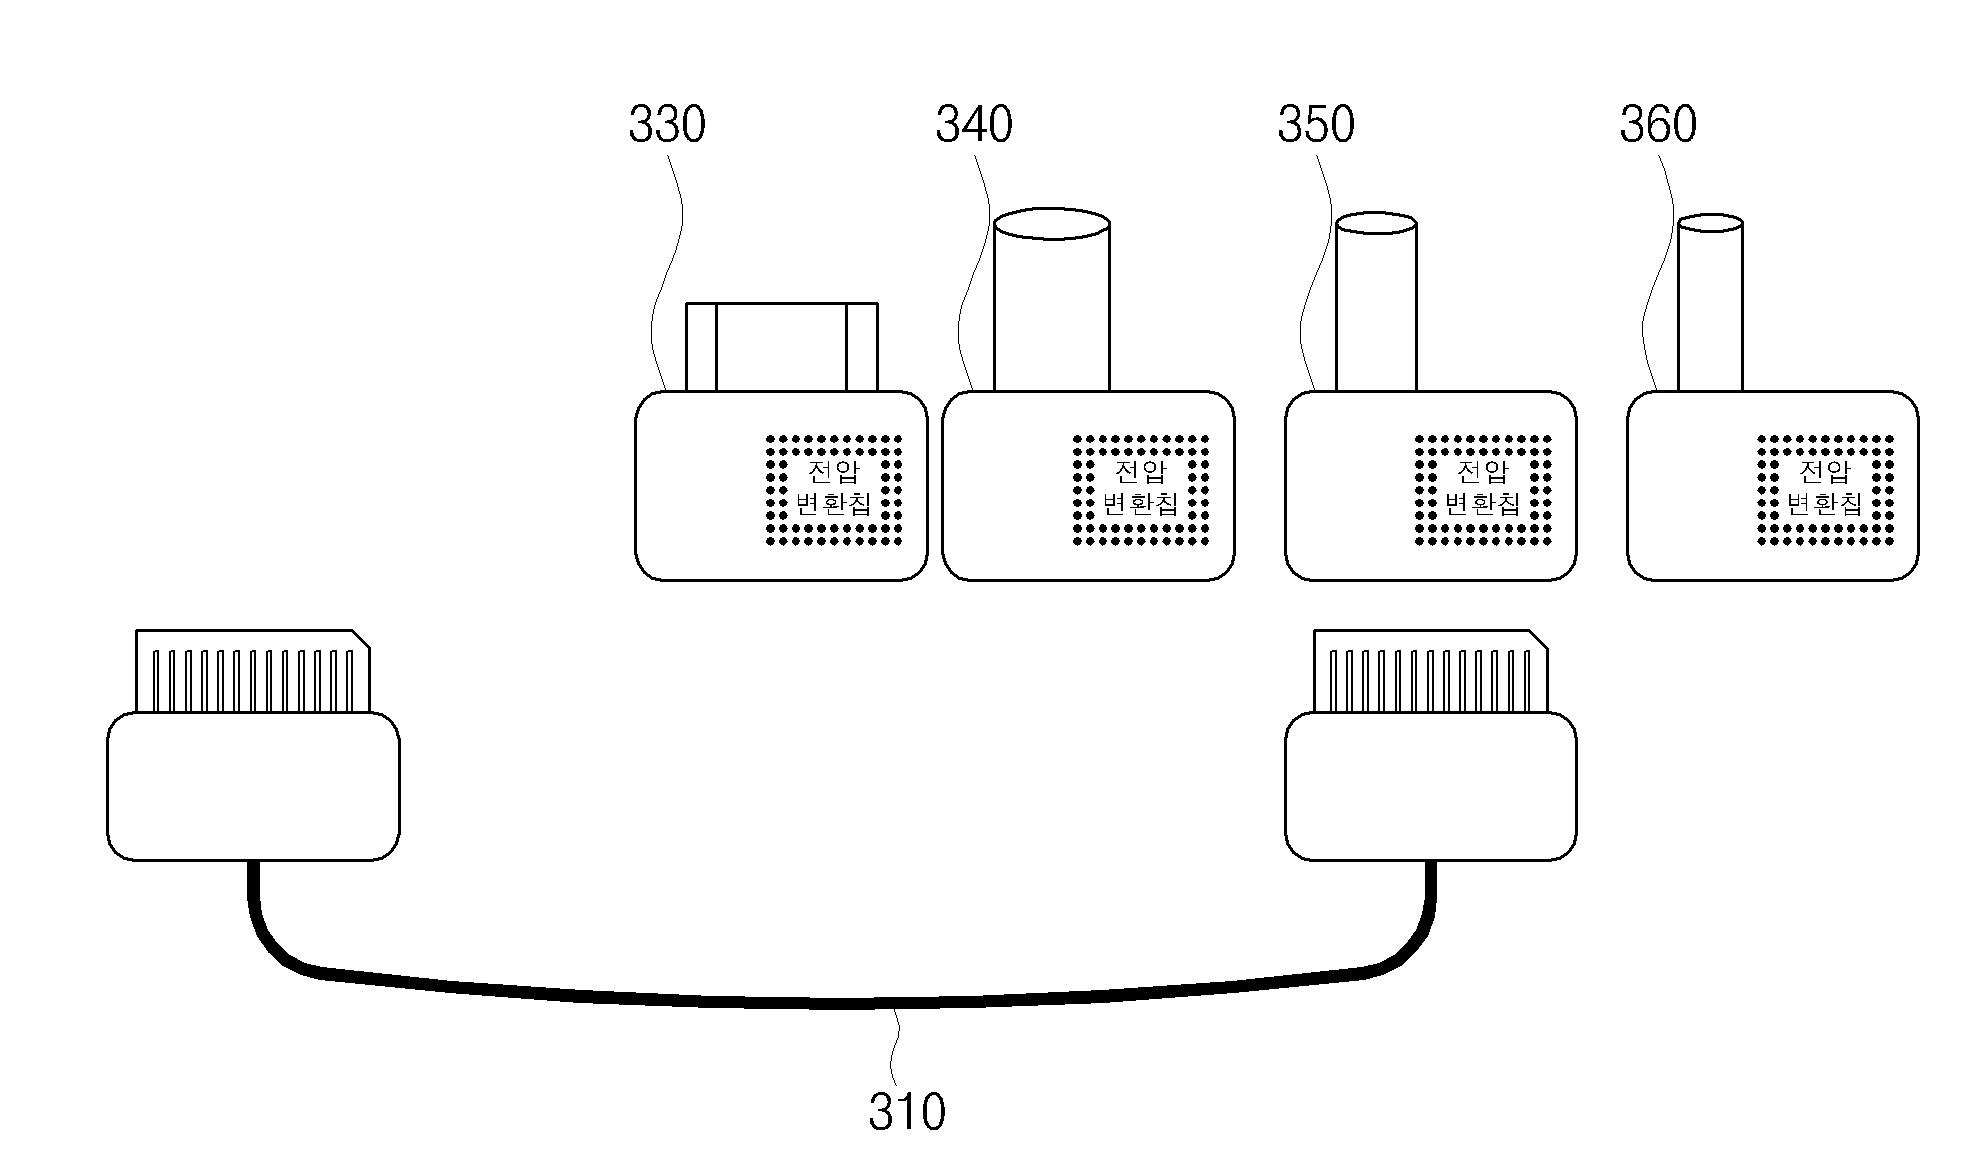 patent wo2010134745a2 -  uba40 ud2f0 ud0ed